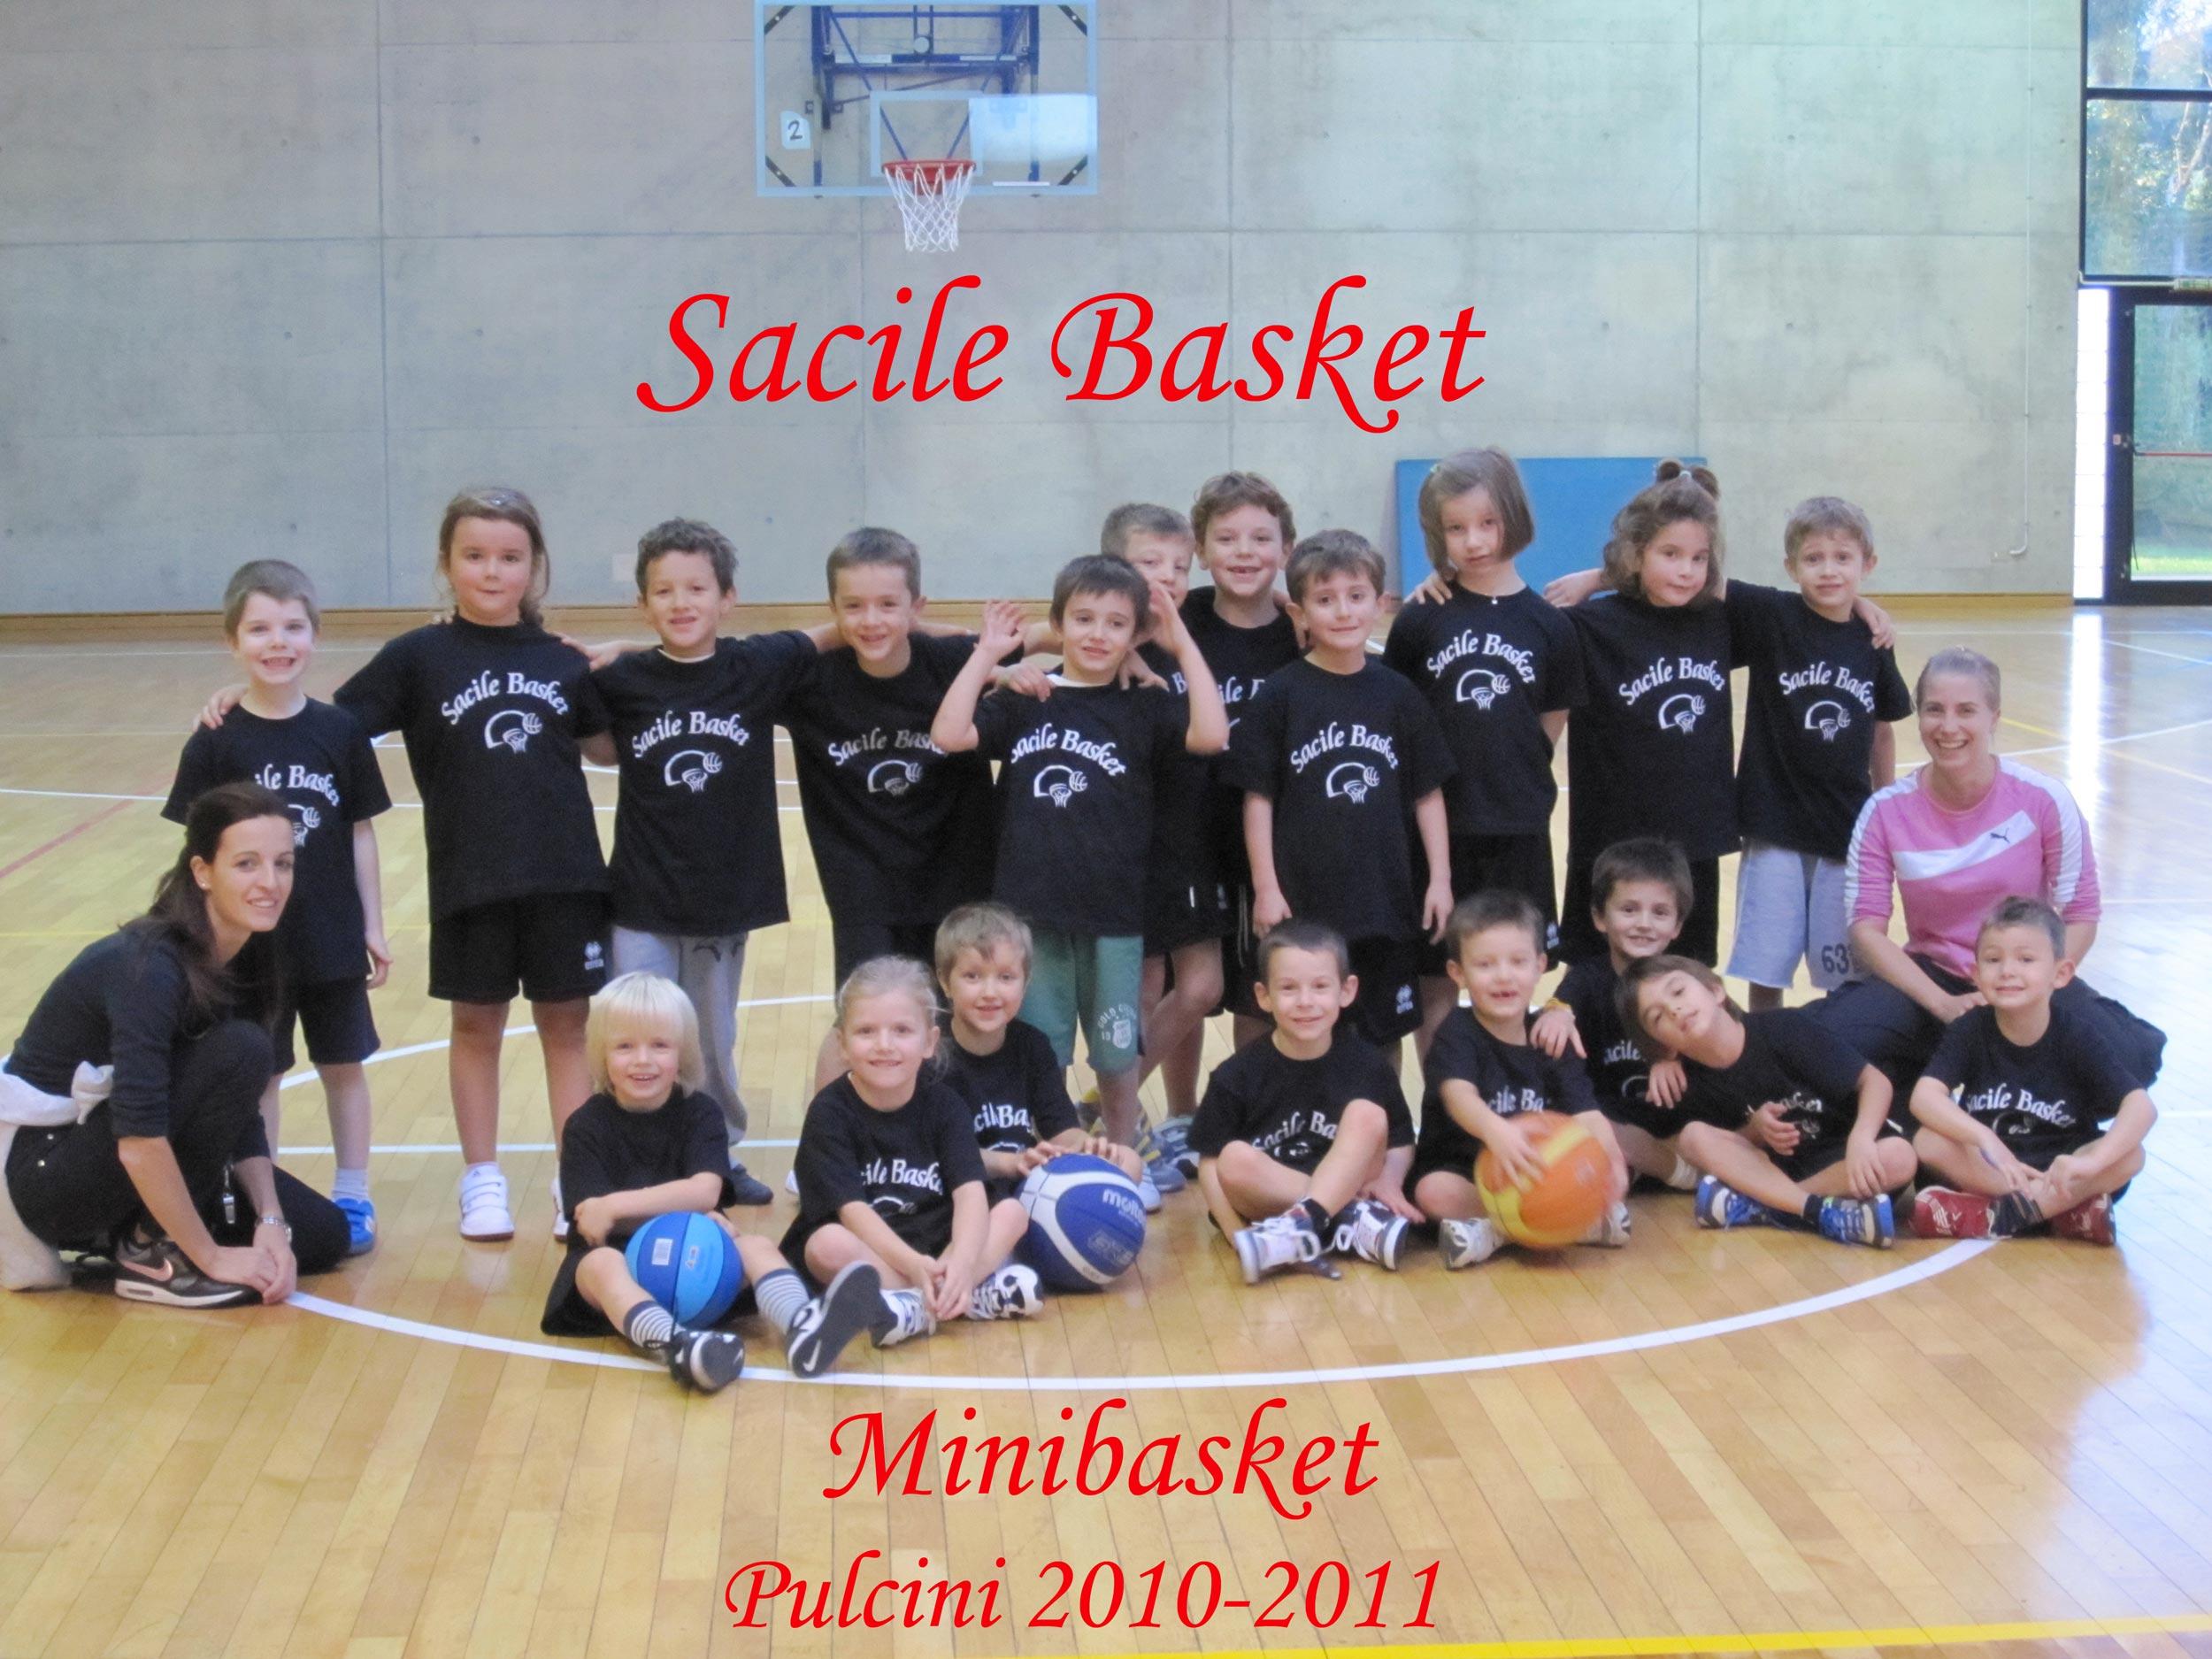 Copia-di-minibasket_2010_2011-per-sito